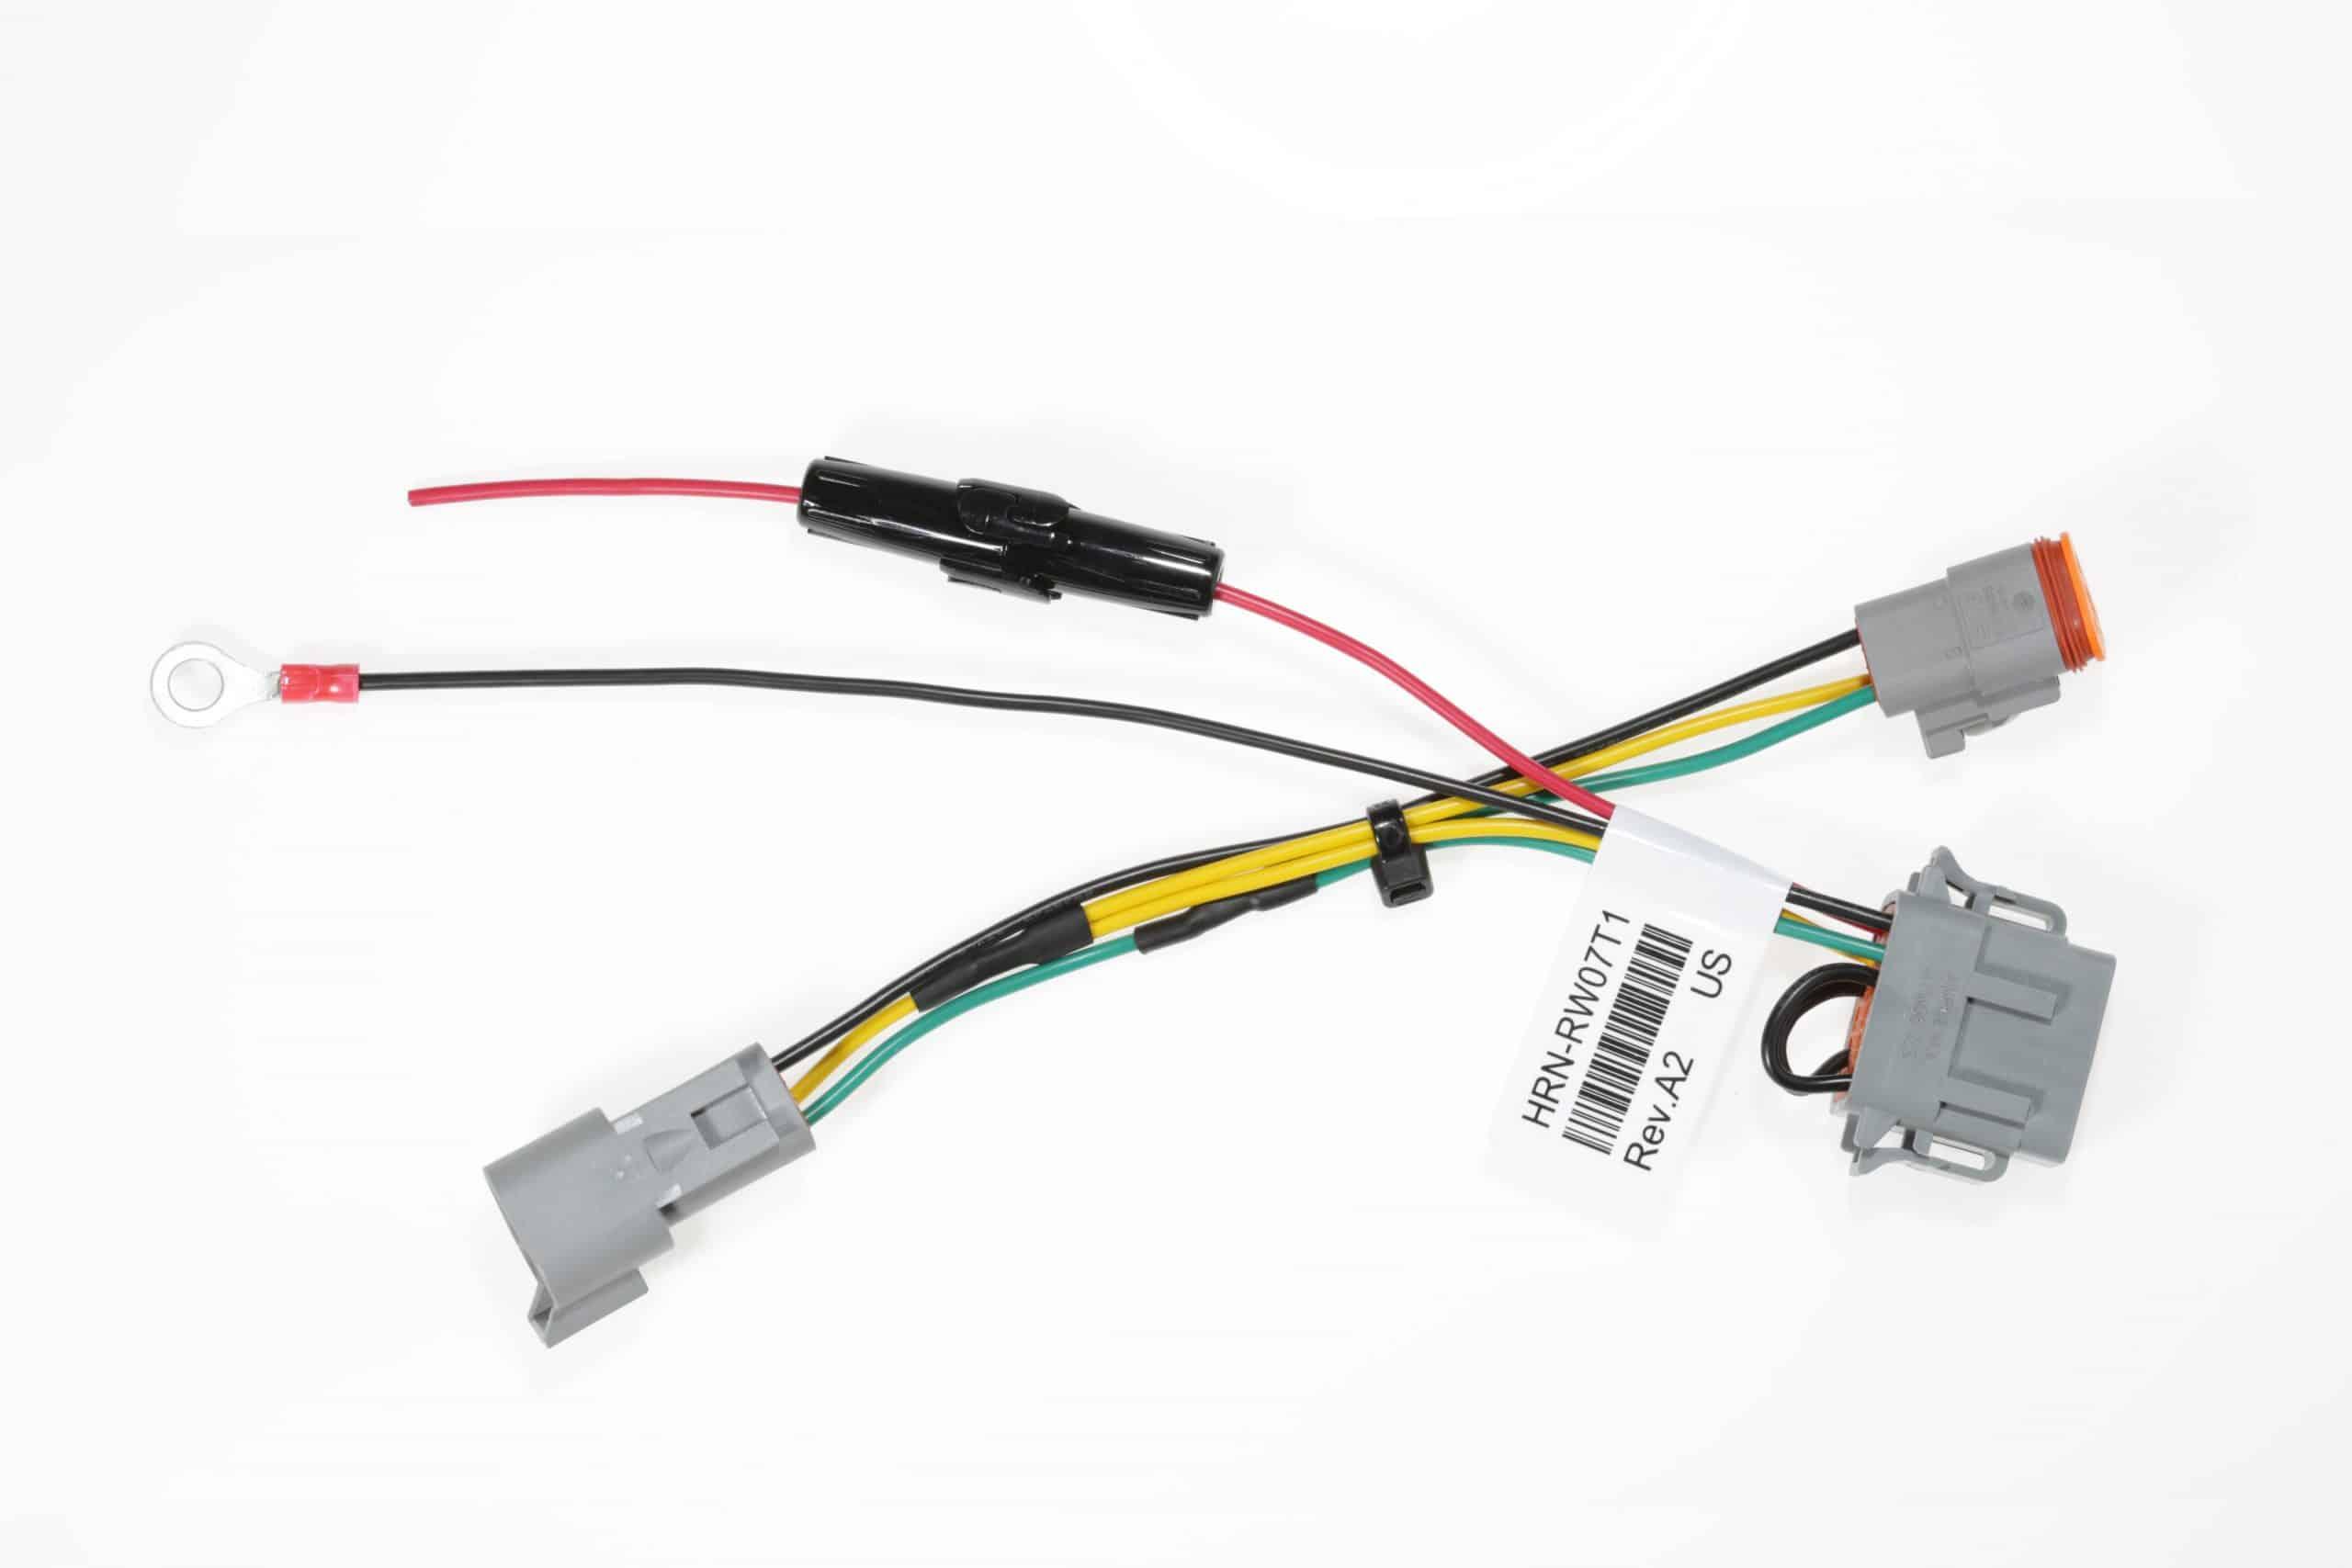 Bild: Geotab HRN-RW07T1 Kabelbaum Adapter Dreipolig für Fahrzeuge ohne Diagnoseanschlüsse für GO RUGGED